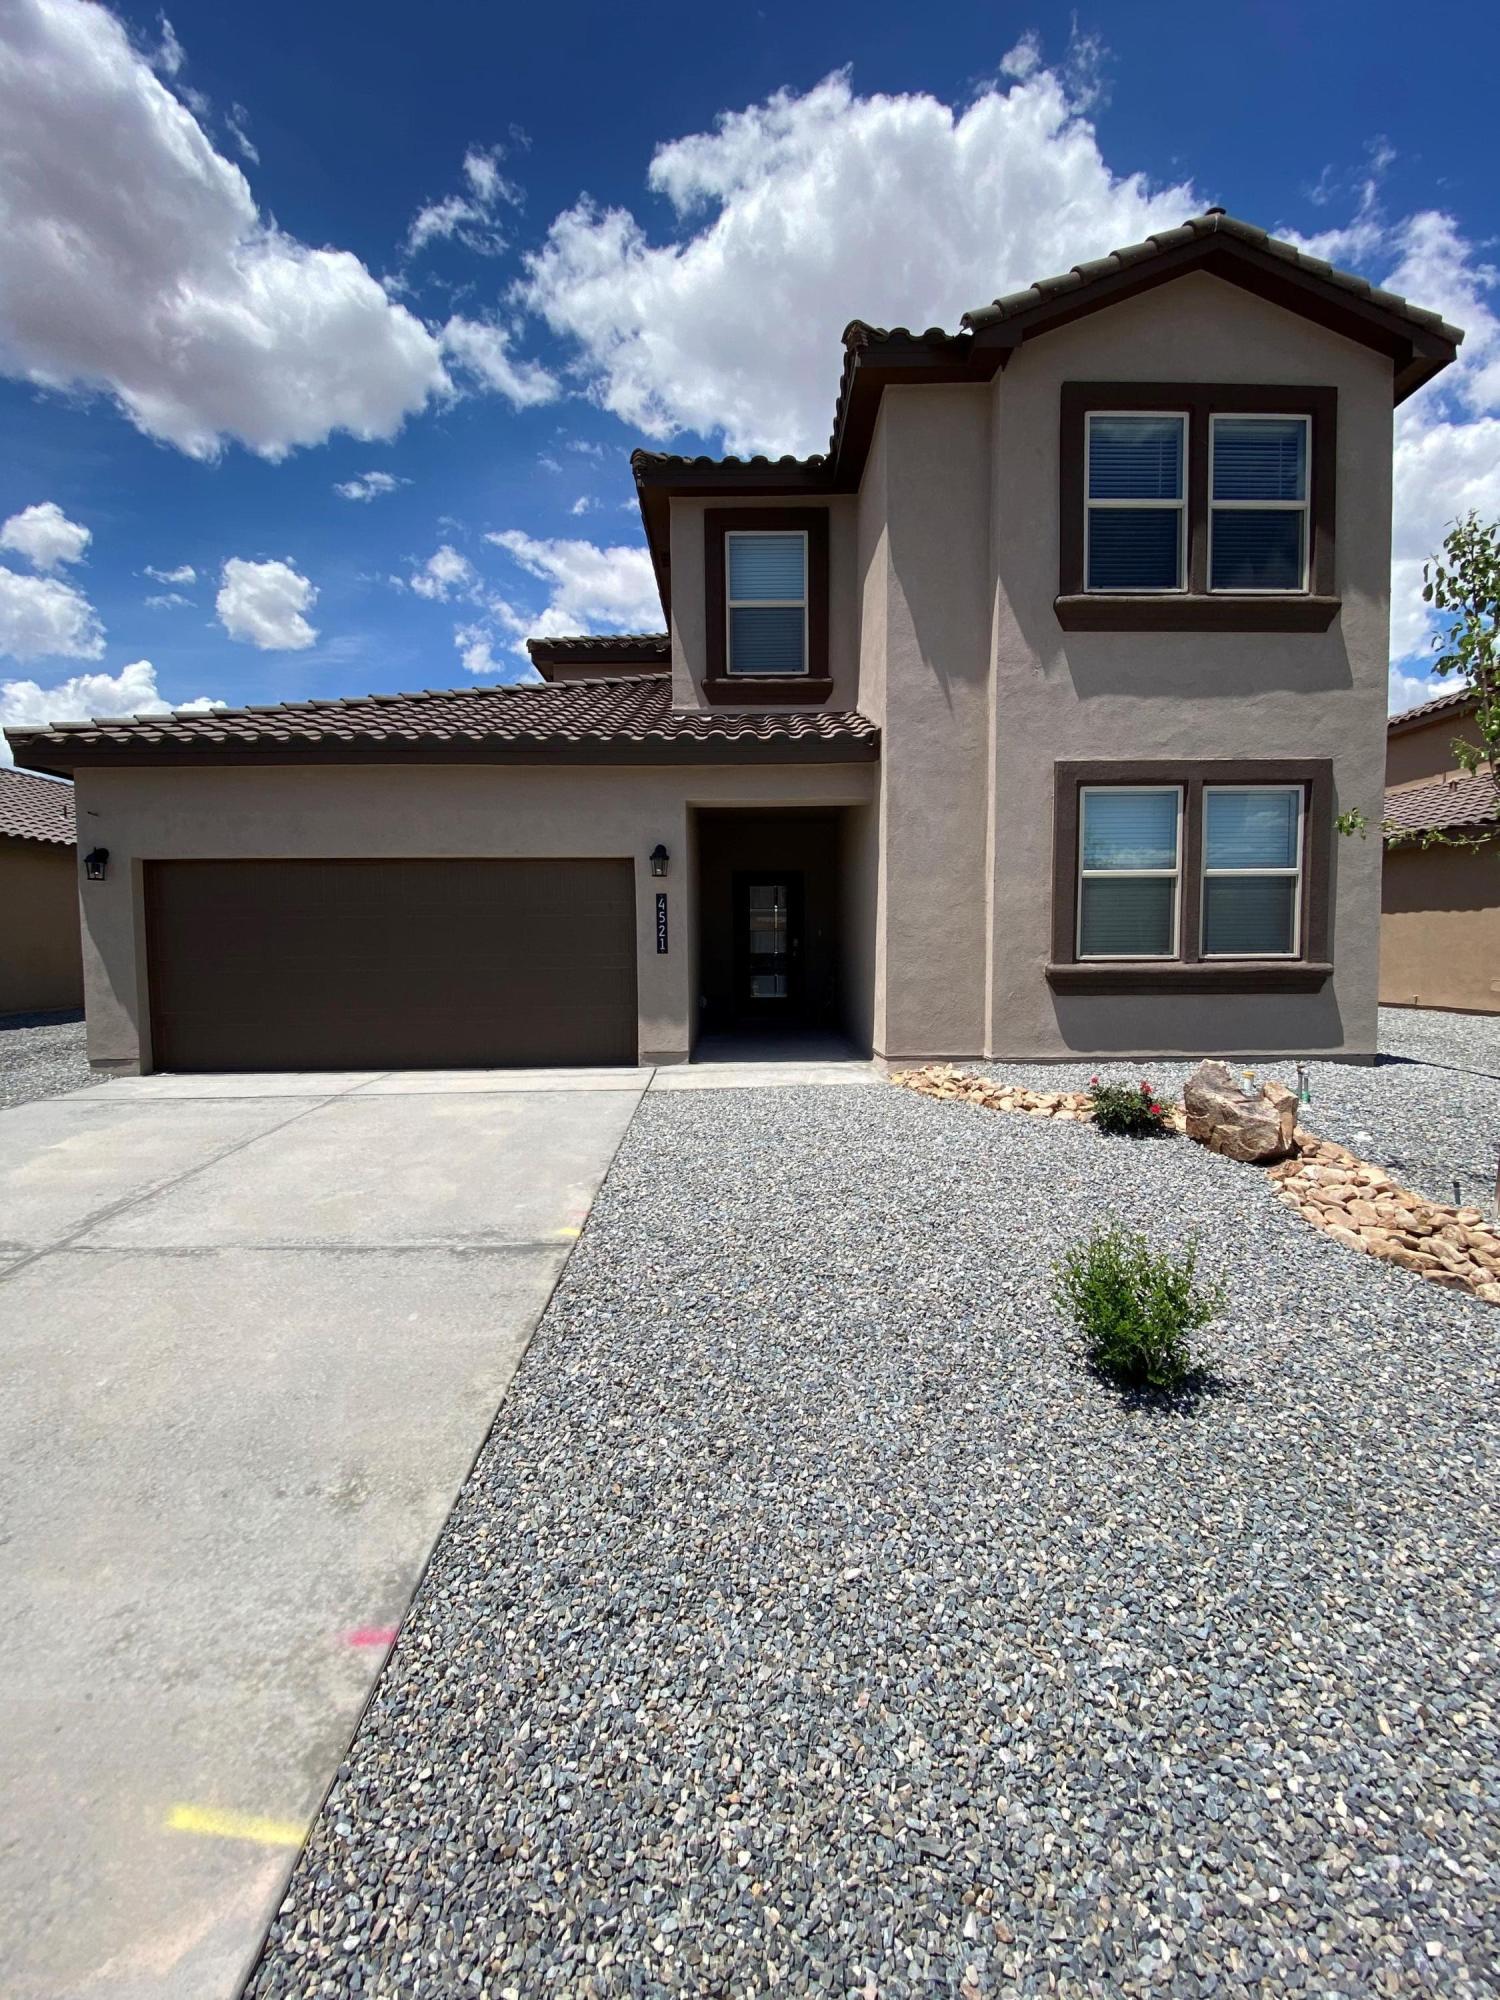 4521 Skyline Loop, Rio Rancho, NM 87144 - Rio Rancho, NM real estate listing